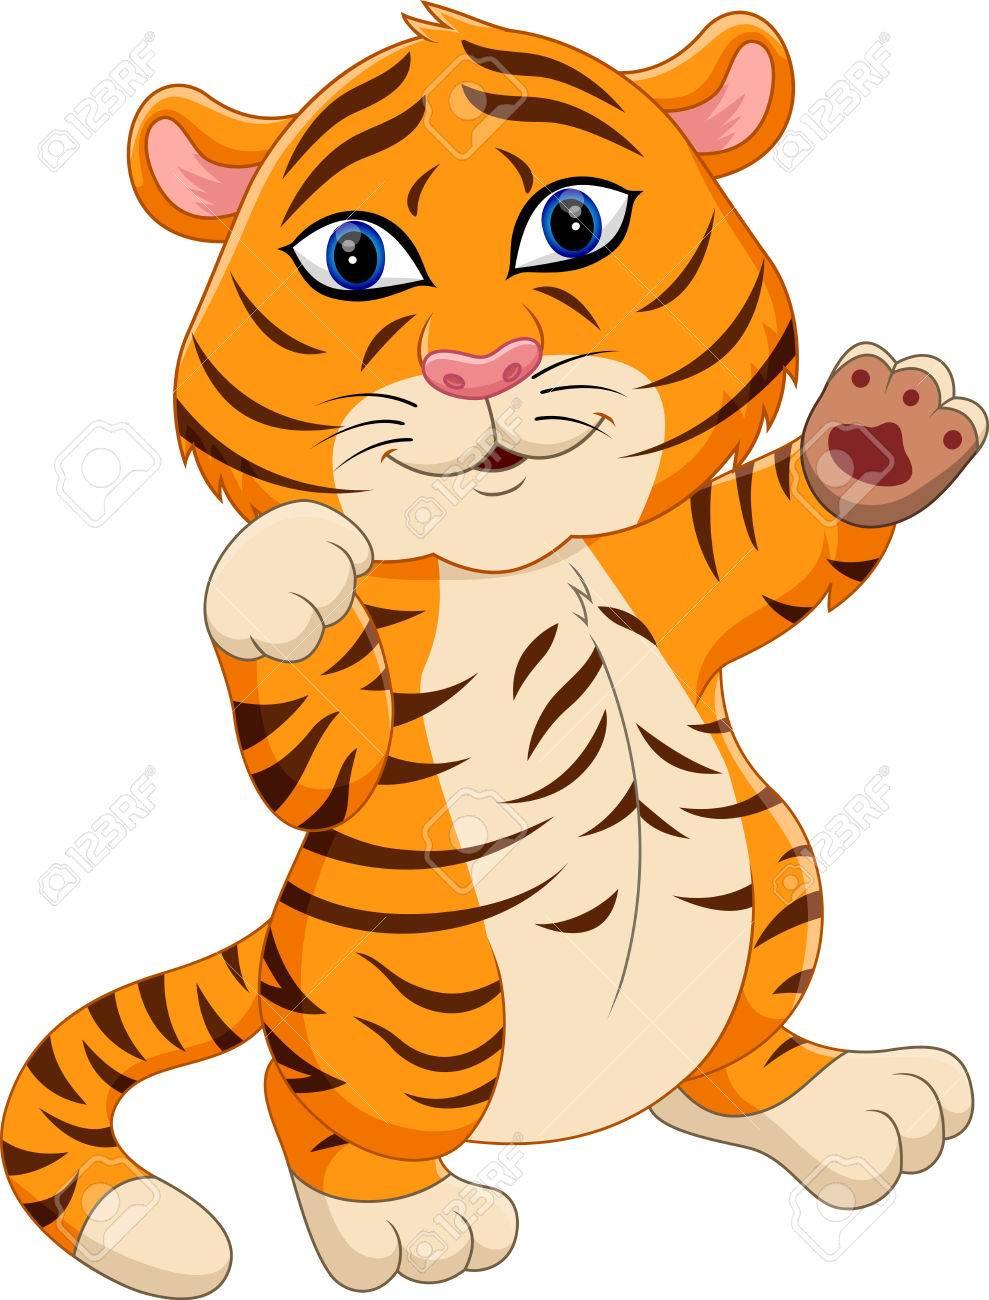 Ilustración De Dibujos Animados Tigre De Bebé Lindo Ilustraciones ...